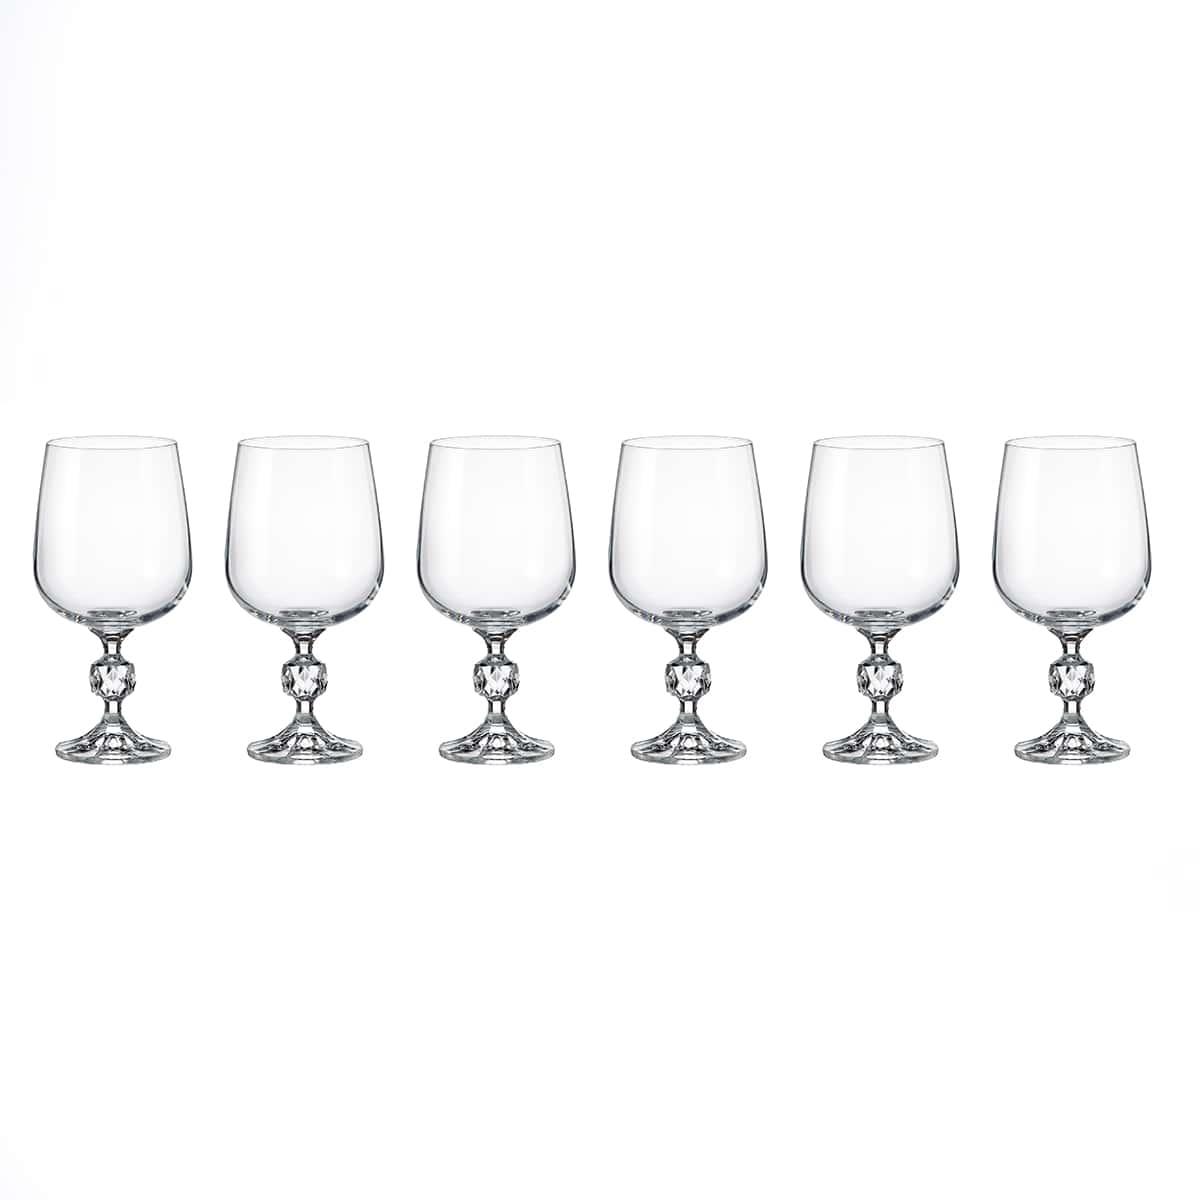 Фужер для вина STERNA/KLAUDIE Crystalite 340 мл